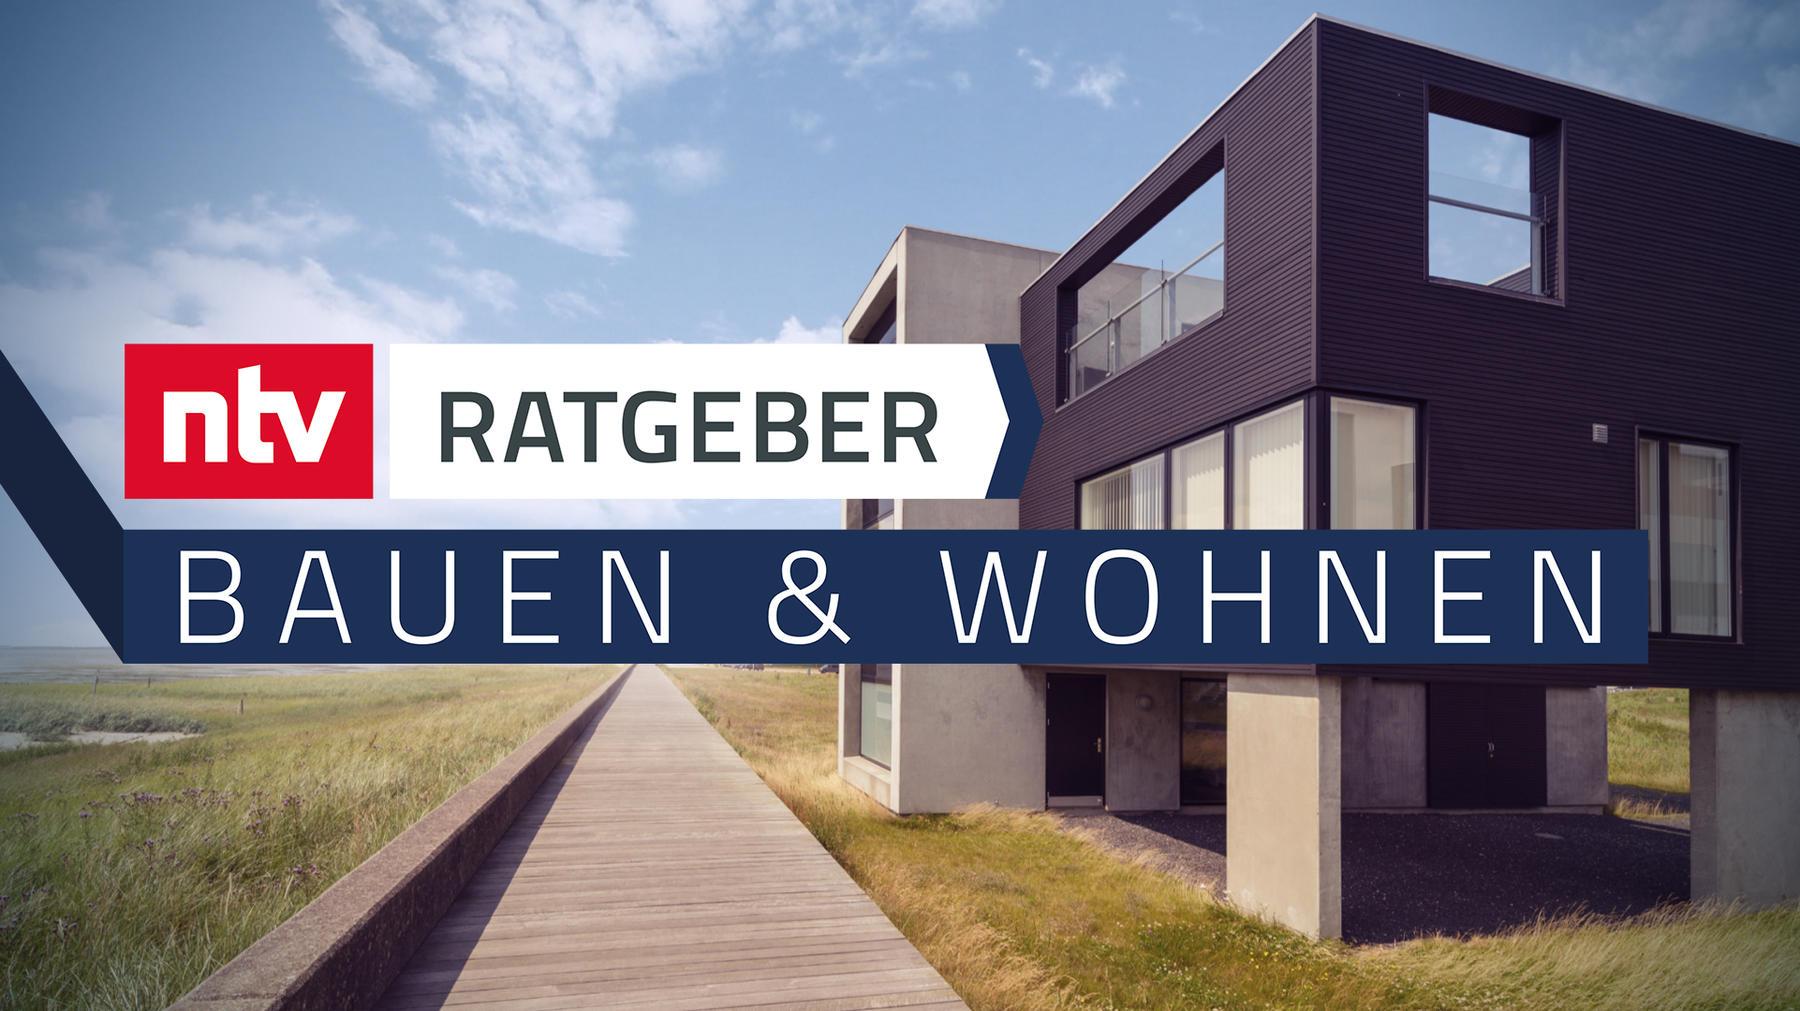 Ratgeber - Bauen & Wohnen